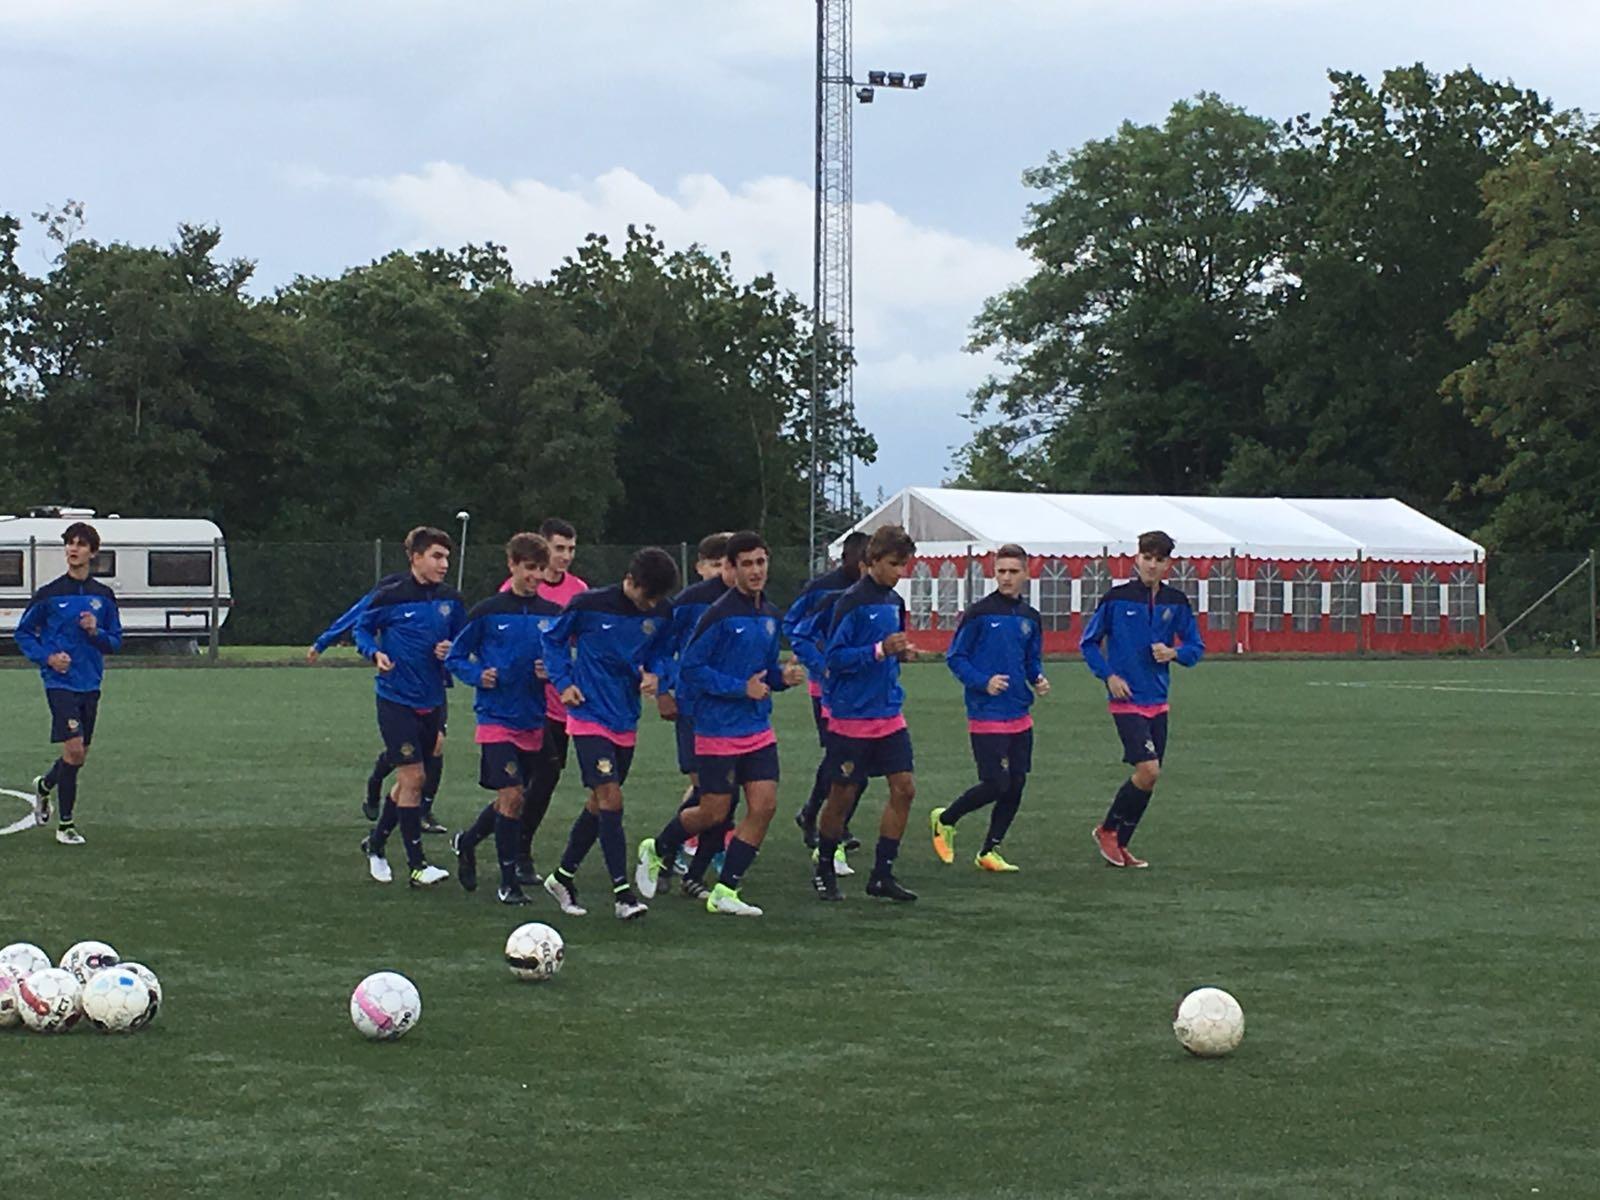 Vildbjerg Cup